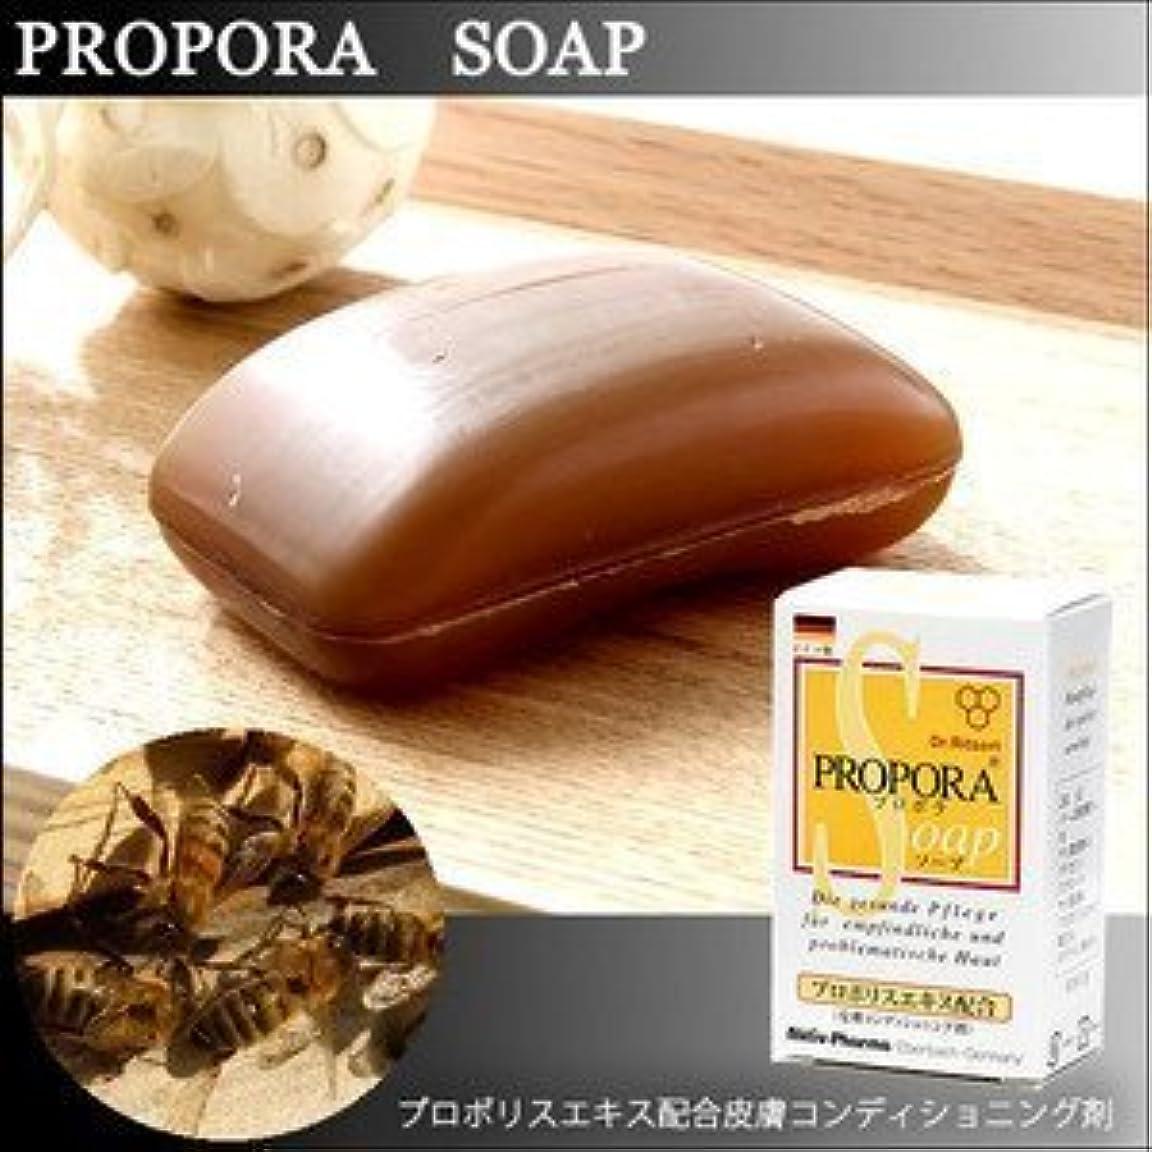 アリーナホスト壮大なお肌にお悩みの方に 天然由来成分のみを使用したドイツ生まれのプロポラソープ